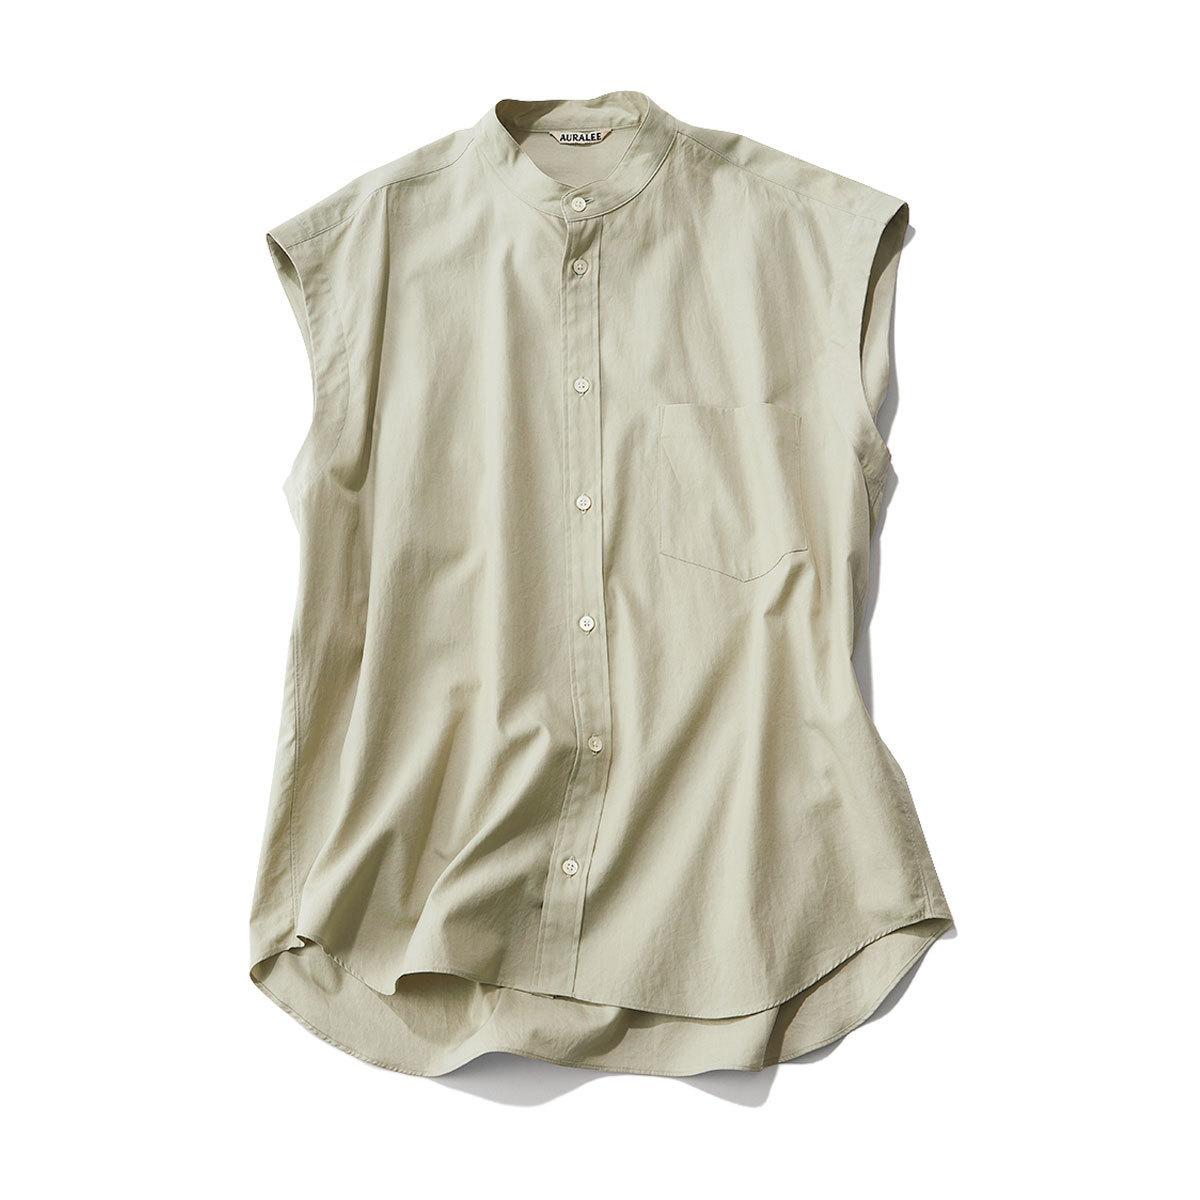 ■オーラリーのゆるっとシャツ